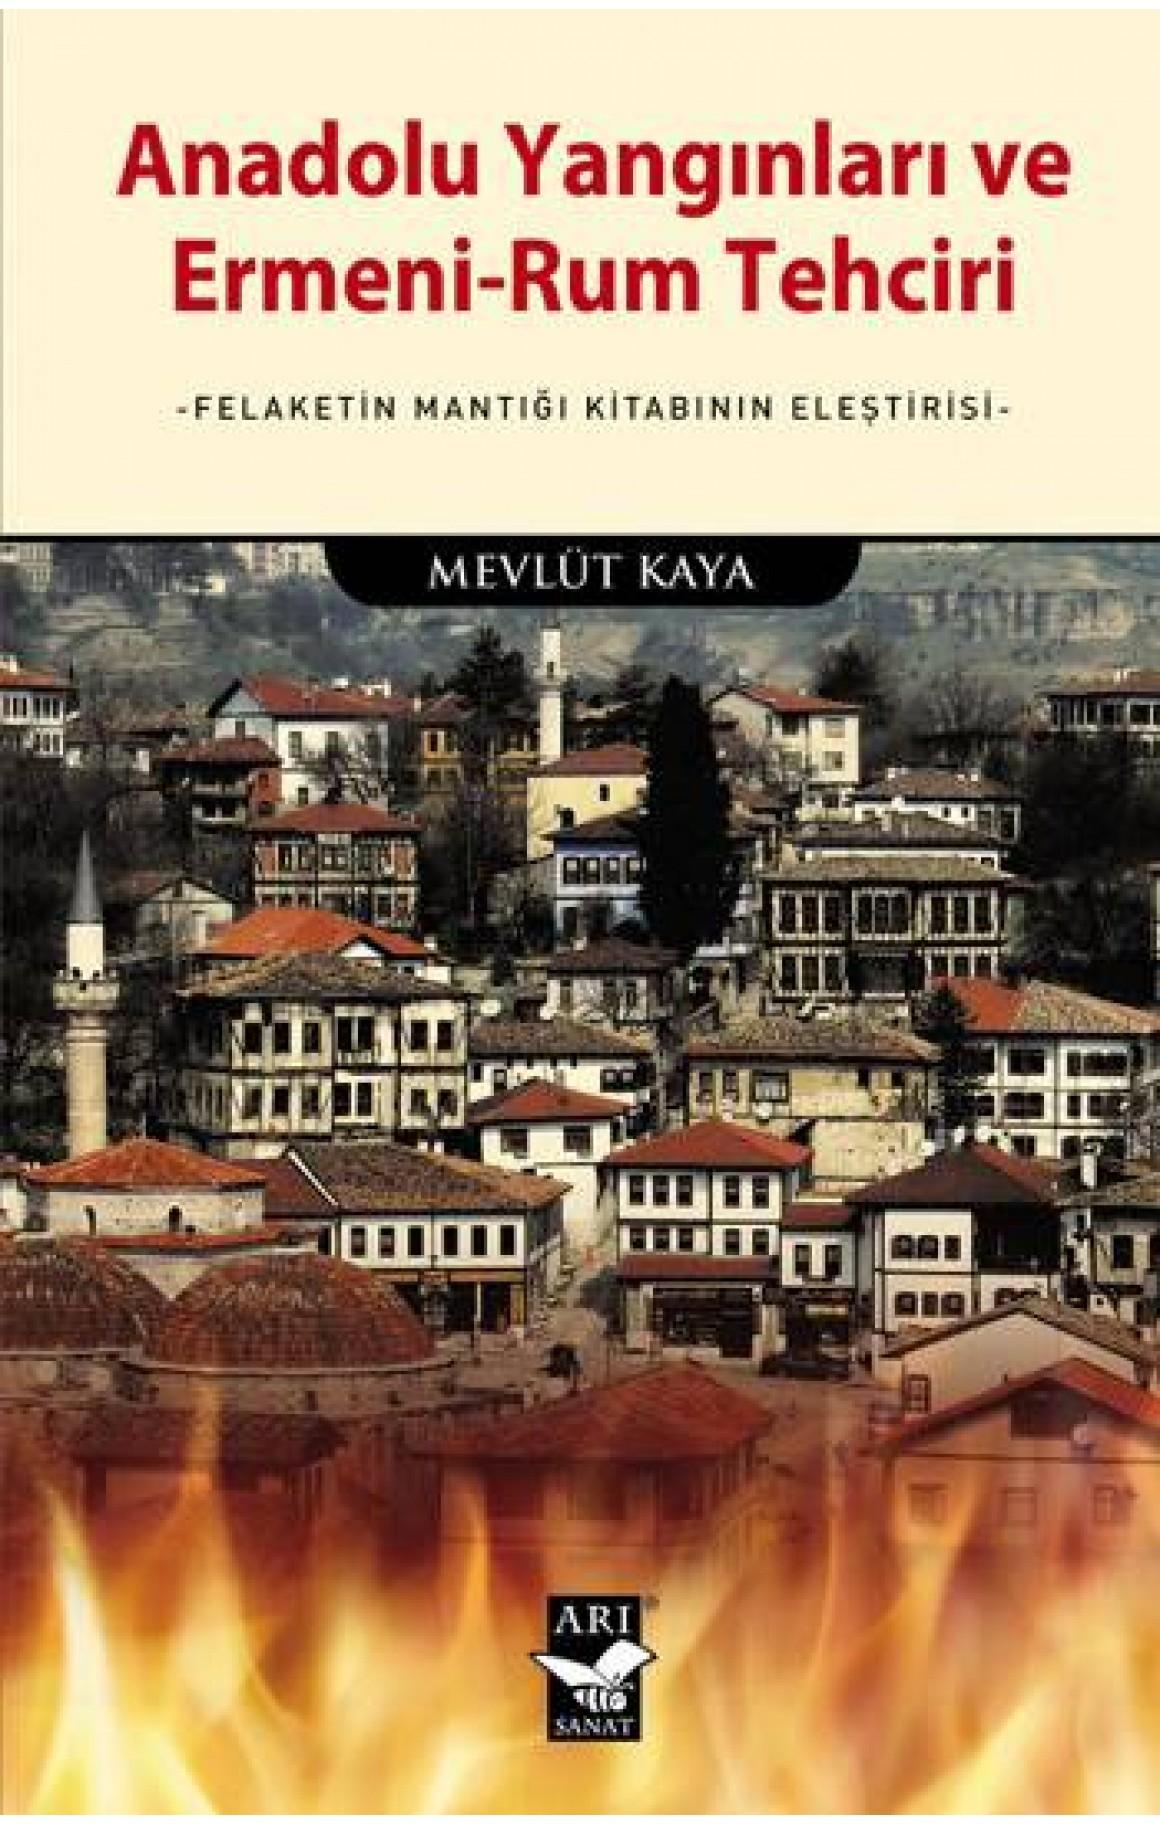 Anadolu Yangınları ve Ermeni-Rum Tehciri